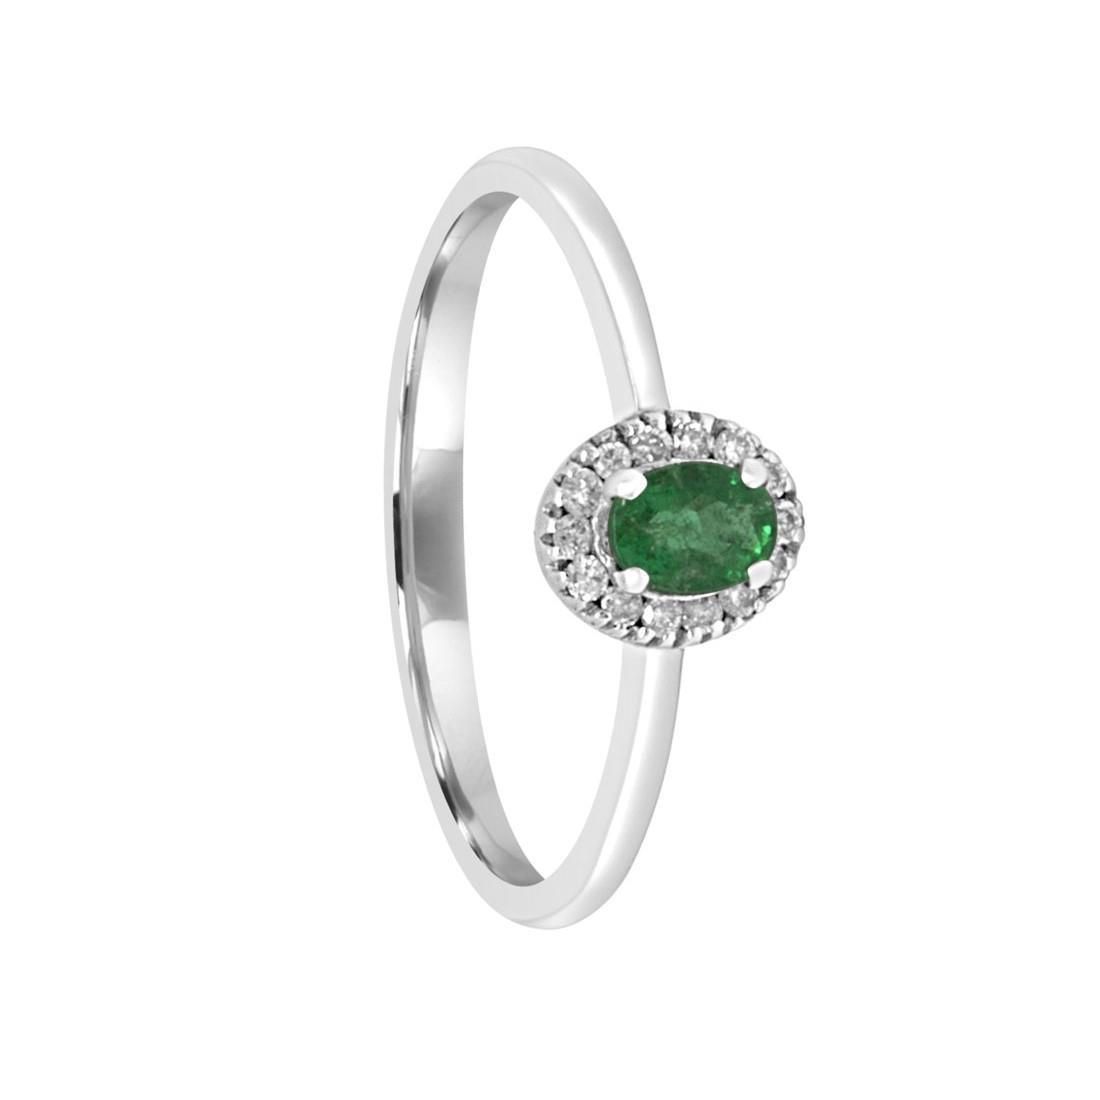 Anello in oro bianco con diamanti e smeraldo mis 13 - ORO&CO